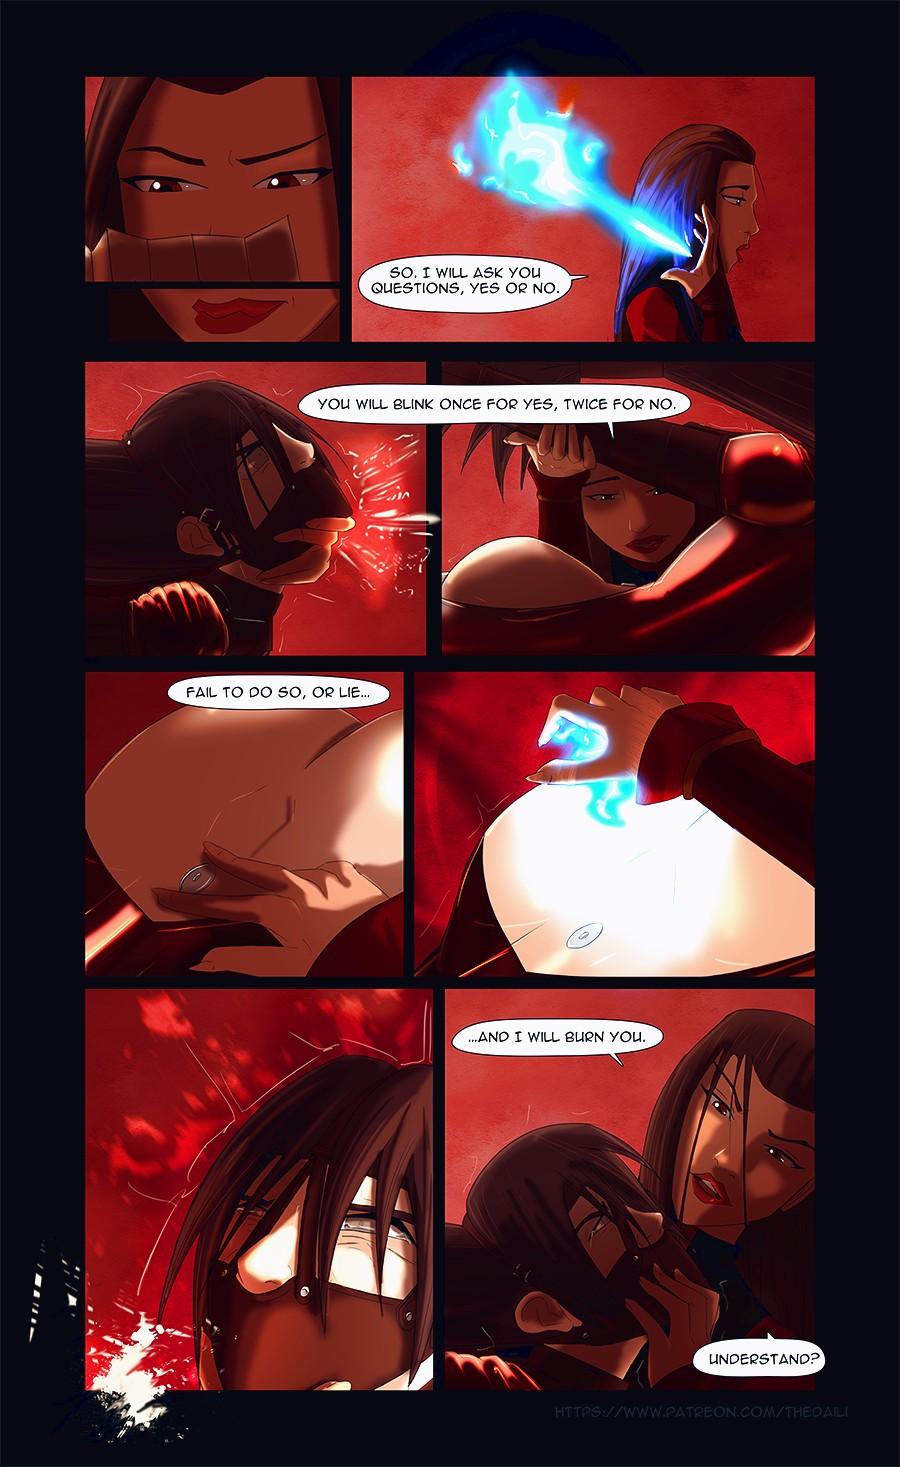 Volition porn comic page 016